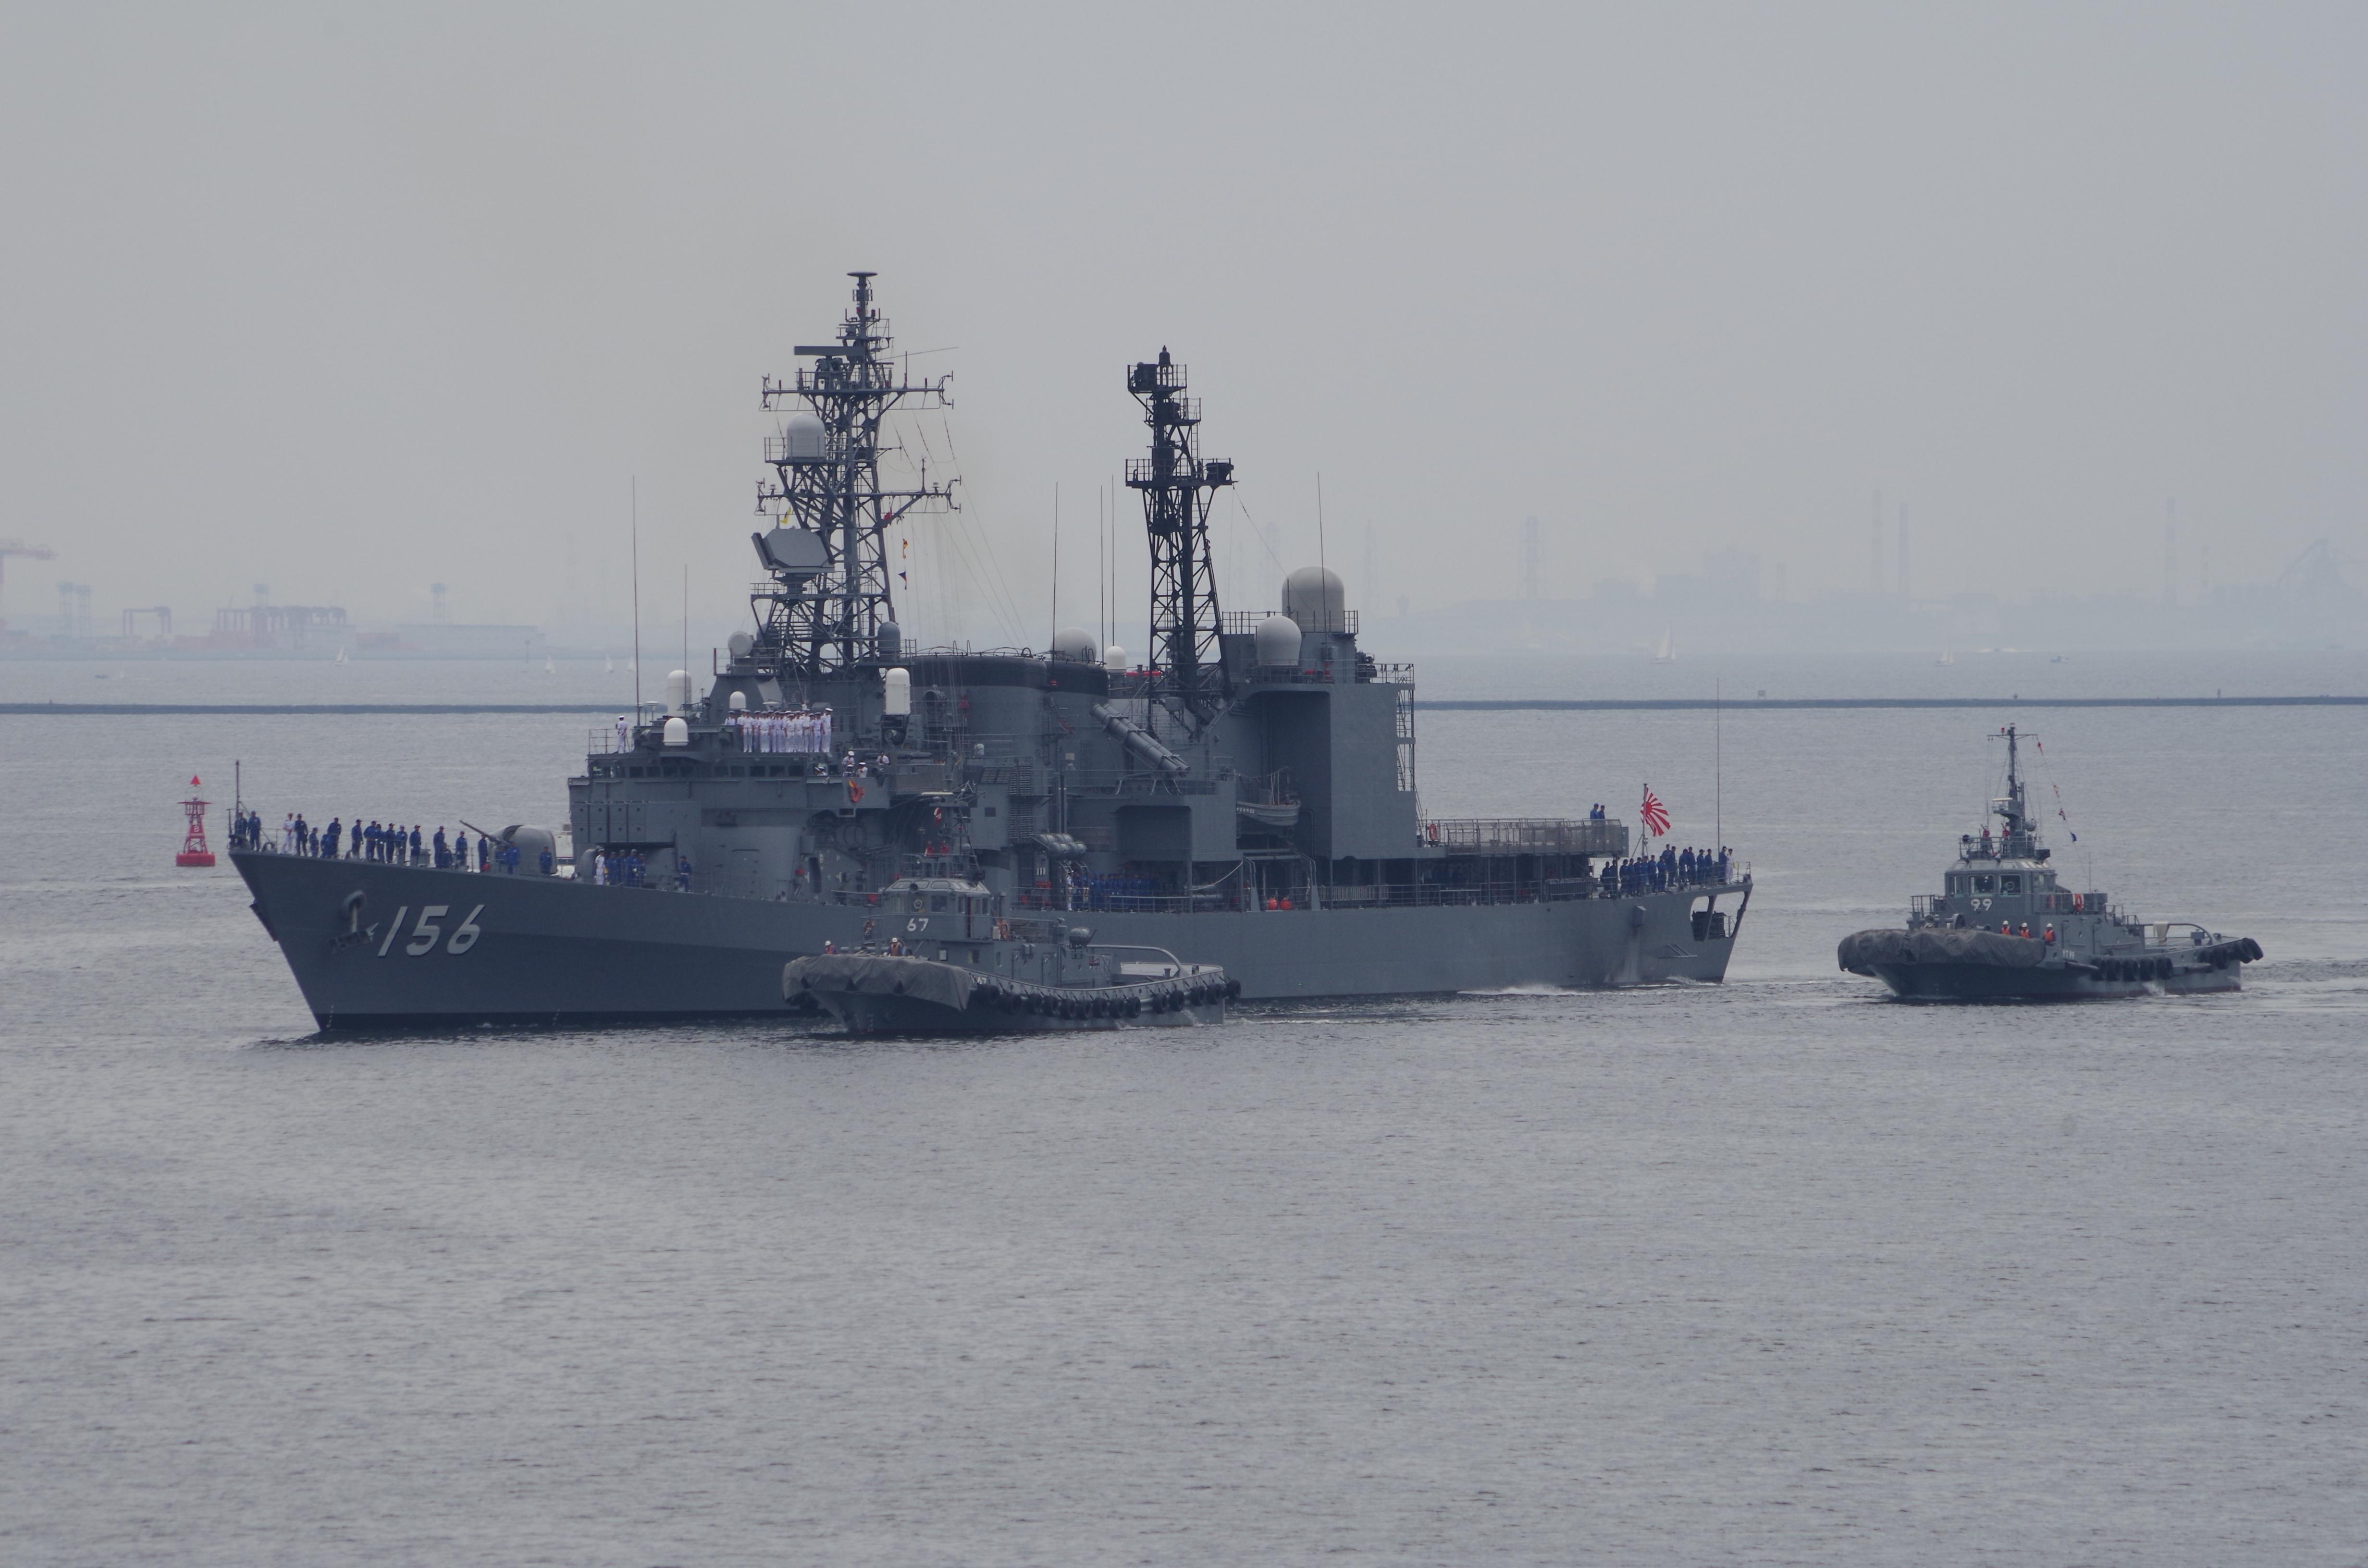 まっちゃんのホームページ[写真][あさぎり型護衛艦]タグ: あさぎり型護衛艦